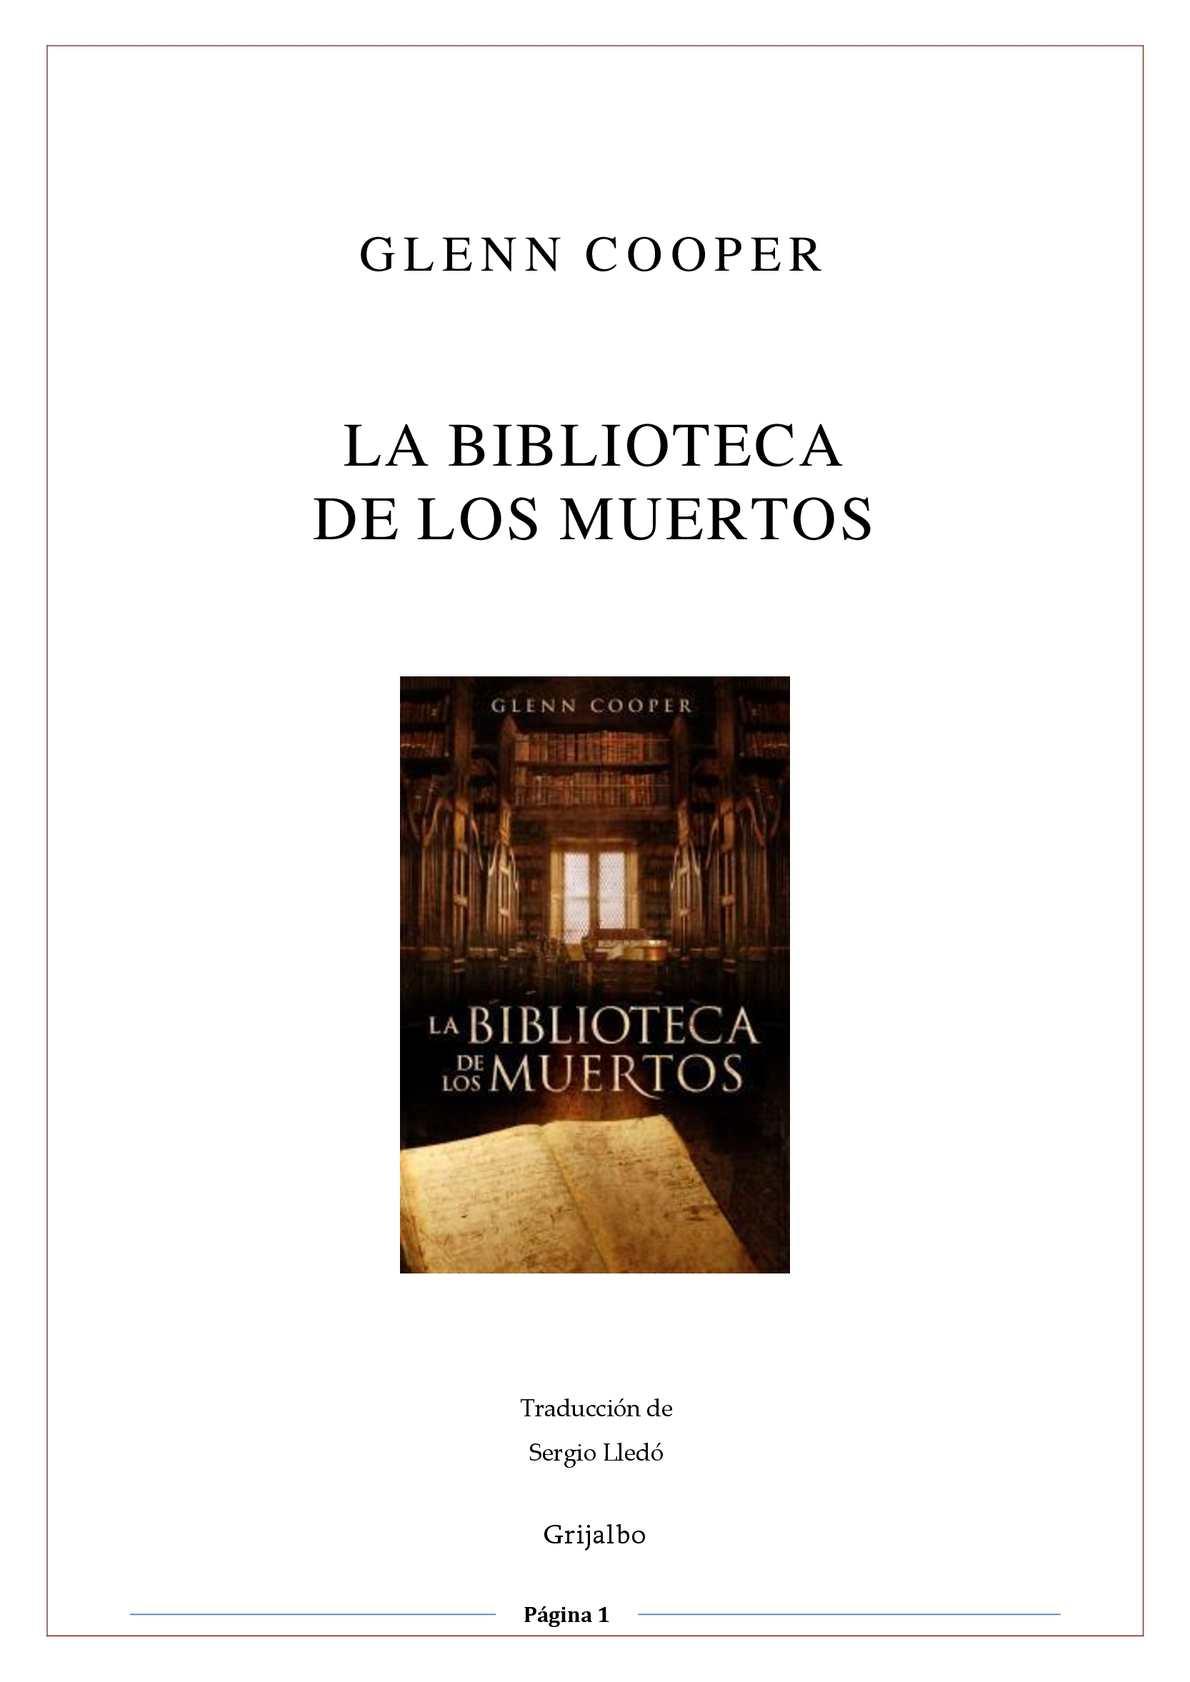 Calaméo - GLENN COOPER-LA BIBLIOTECA DE LOS MUERTOS